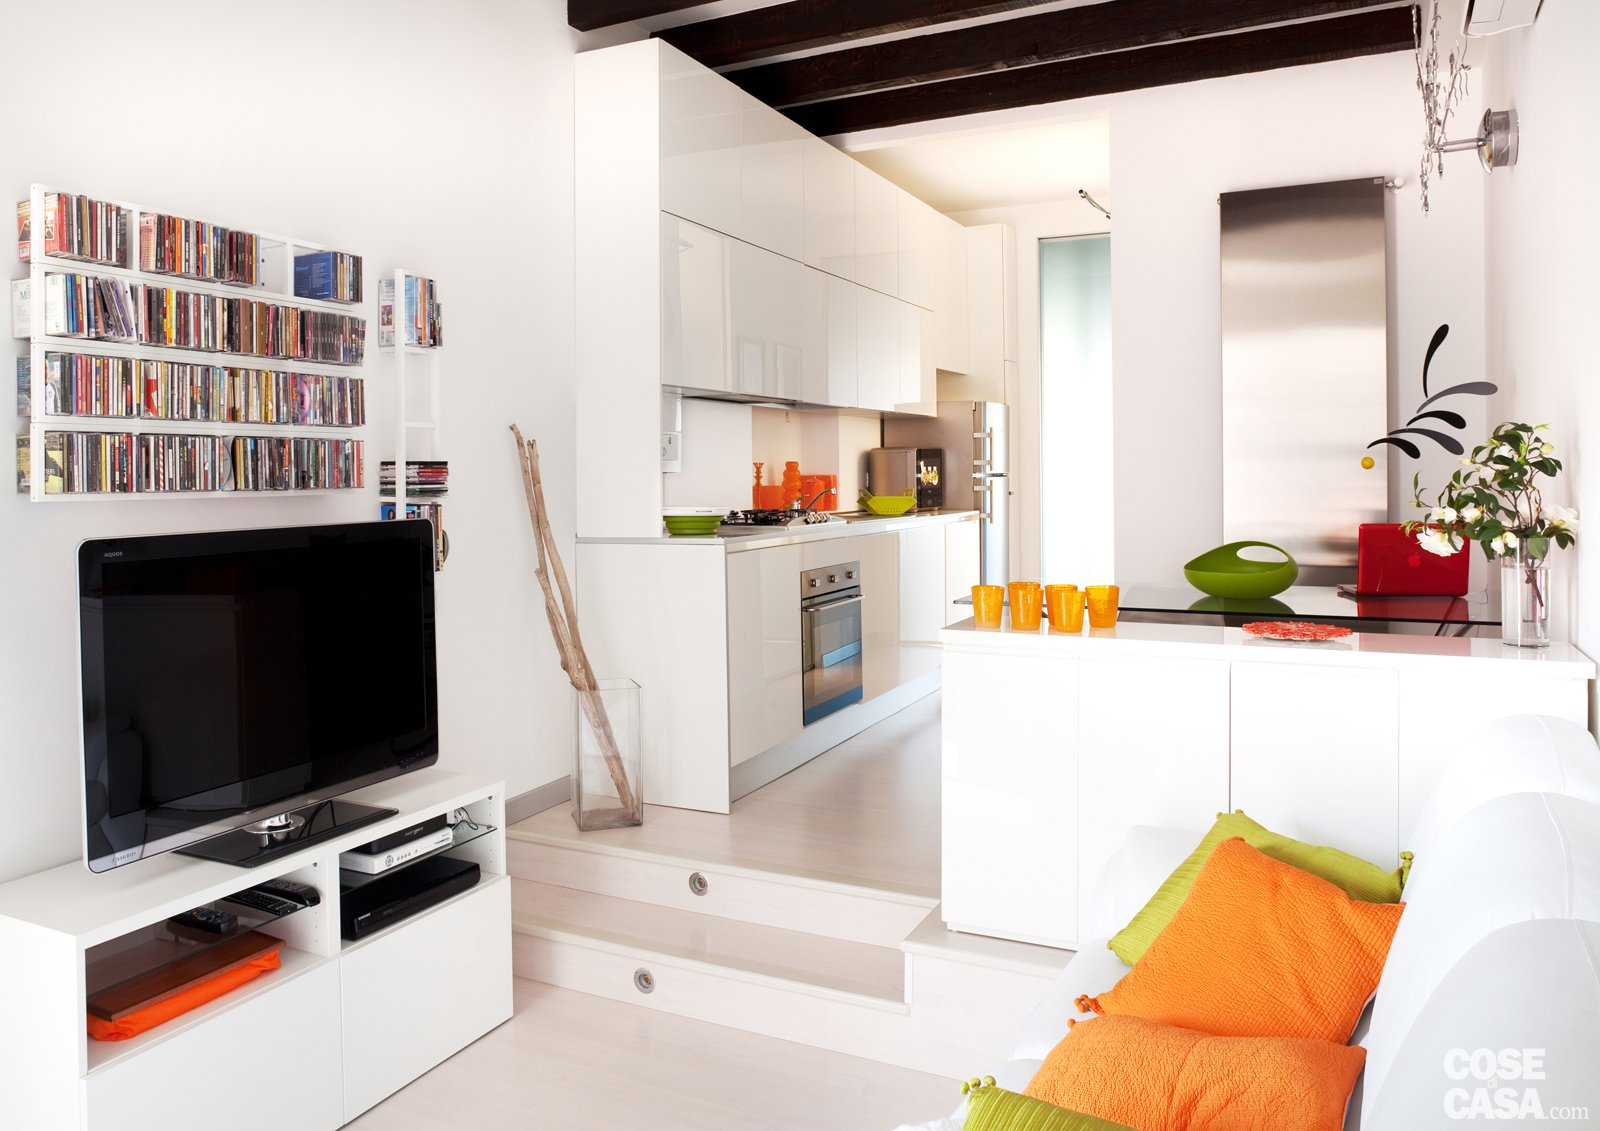 Una casa di 35 mq sfruttati al massimo cose di casa for Arredare appartamento